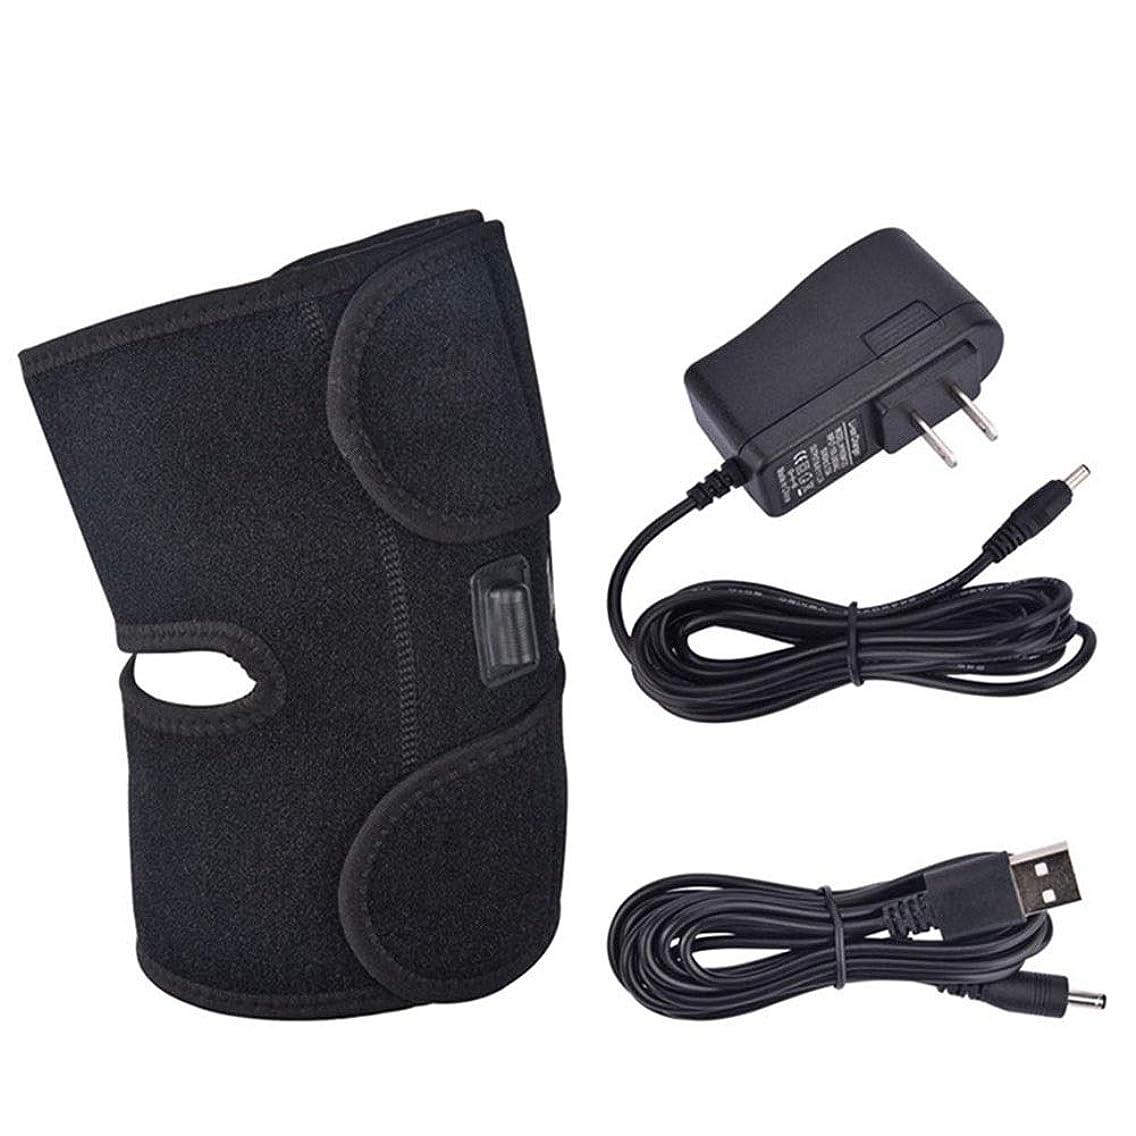 伝える見つけるこどもセンターヘルスケア電気加熱療法膝マッサージ、USBコンプレッサーホット電熱リハビリテーション理学療法機器調節可能な温度